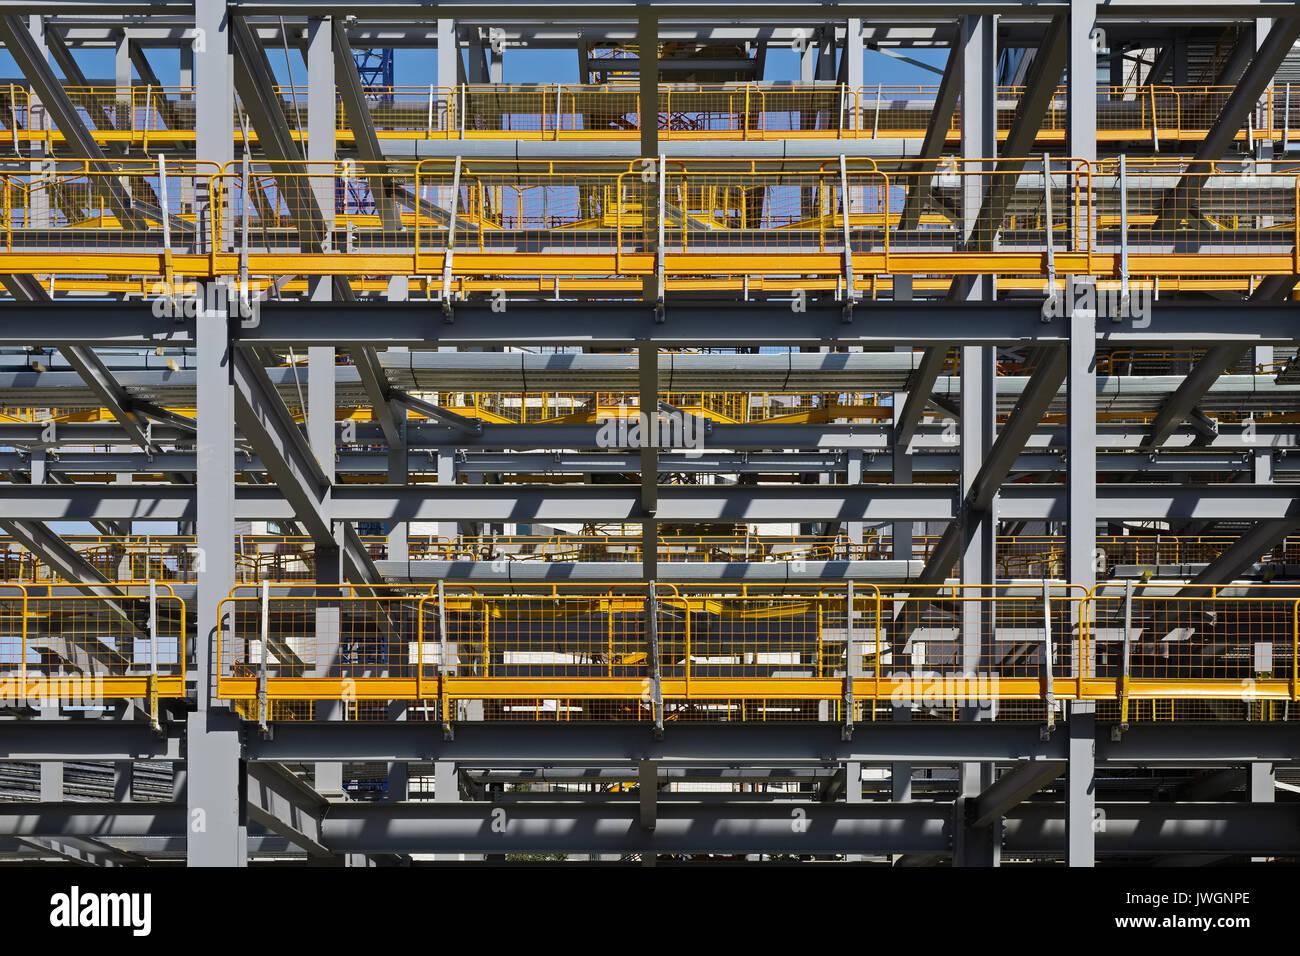 Gebäude Baustelle mit Stahlrahmen mit gelben Sicherheitsbarrieren ...